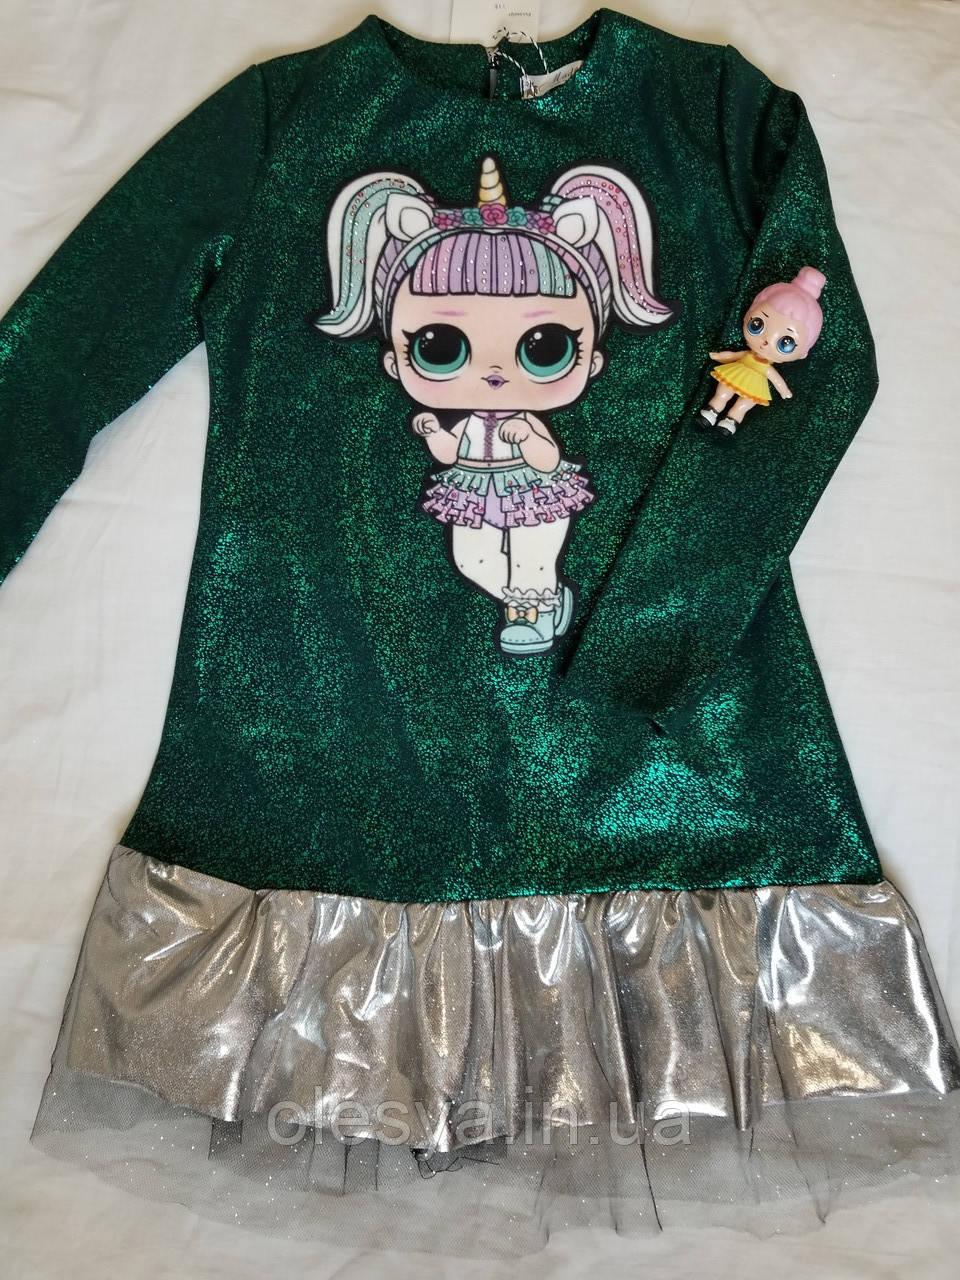 Детское платье нарядное Лола с куколкой LOL Размеры 116 , 122  Тренд сезона